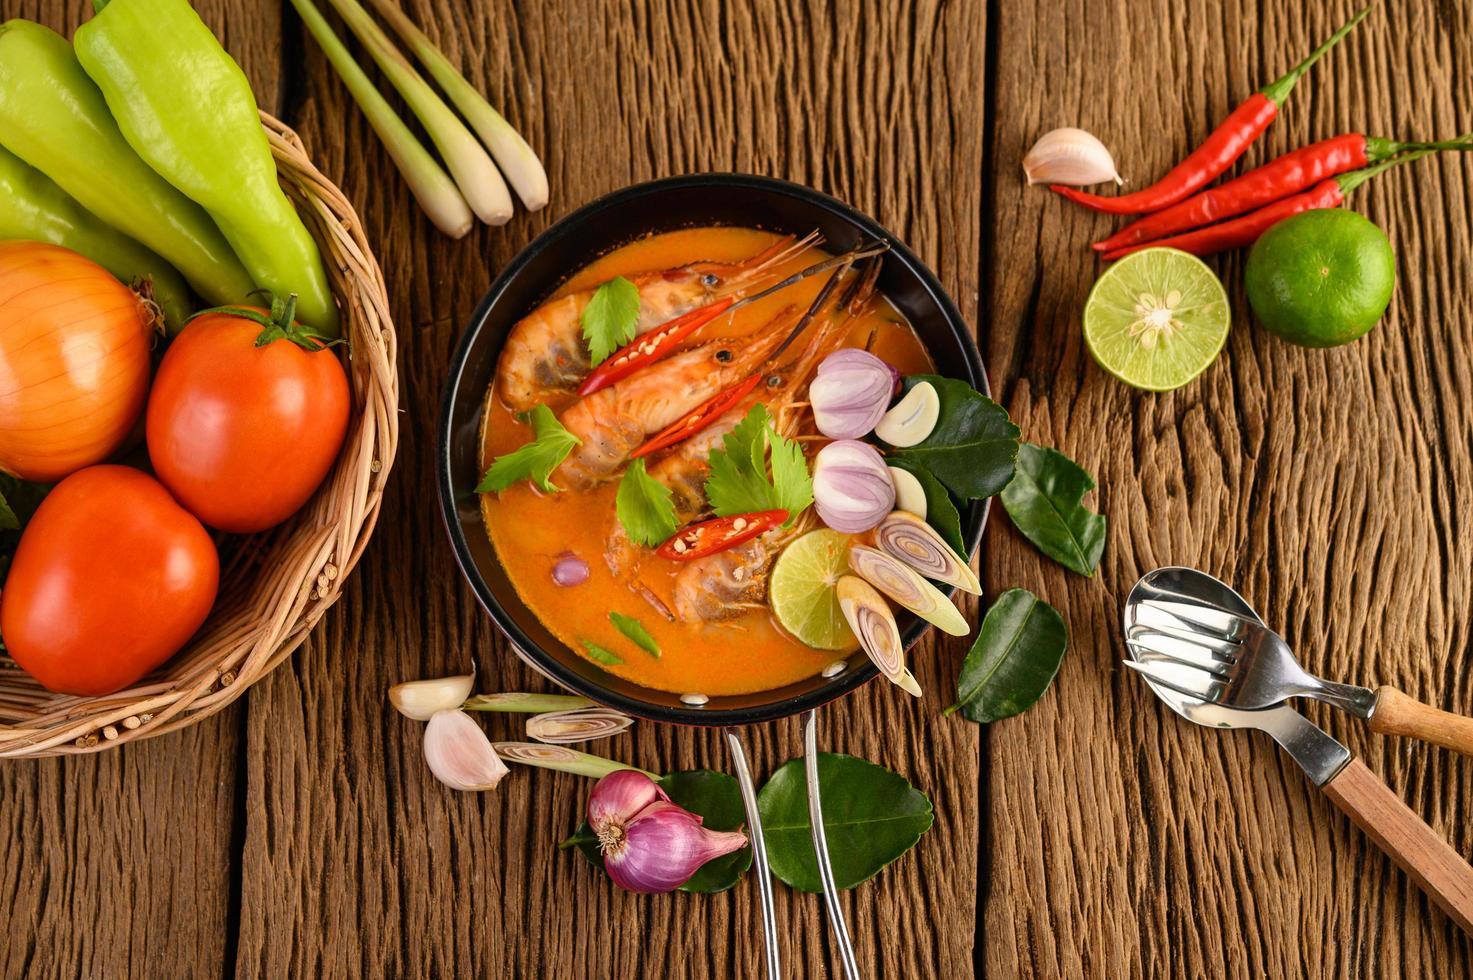 Thaise hete pittige soep genaamd tom yum kung met garnalen foto